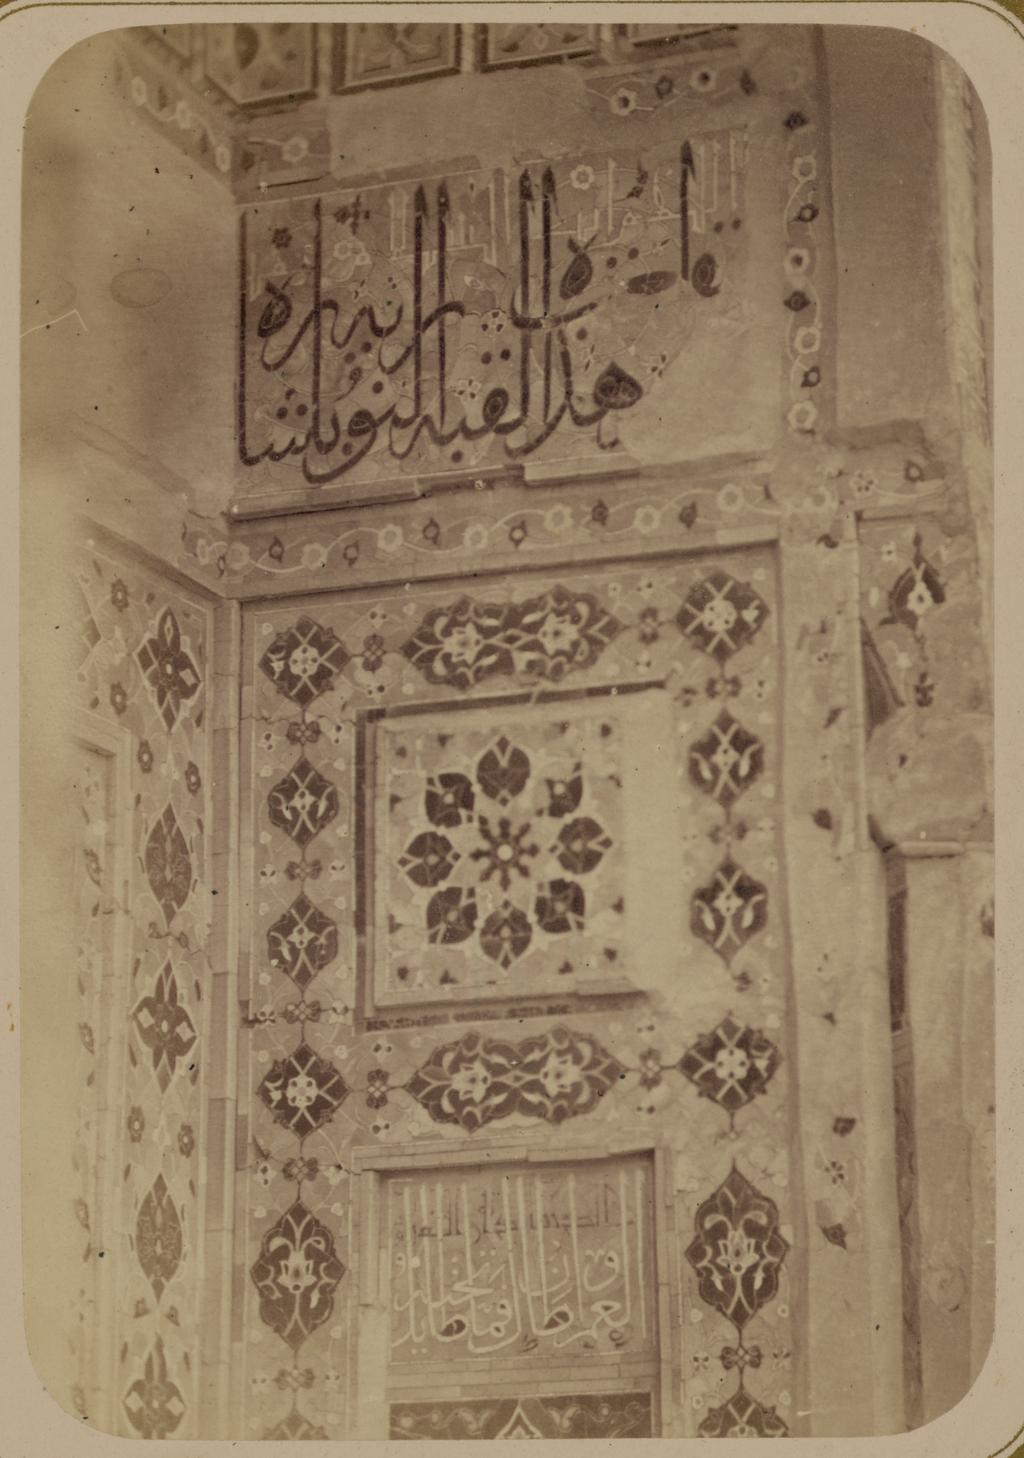 Мавзолей Айнэ-Ханэ (эмира Муссы). Надписи на верхней левой панели ниши